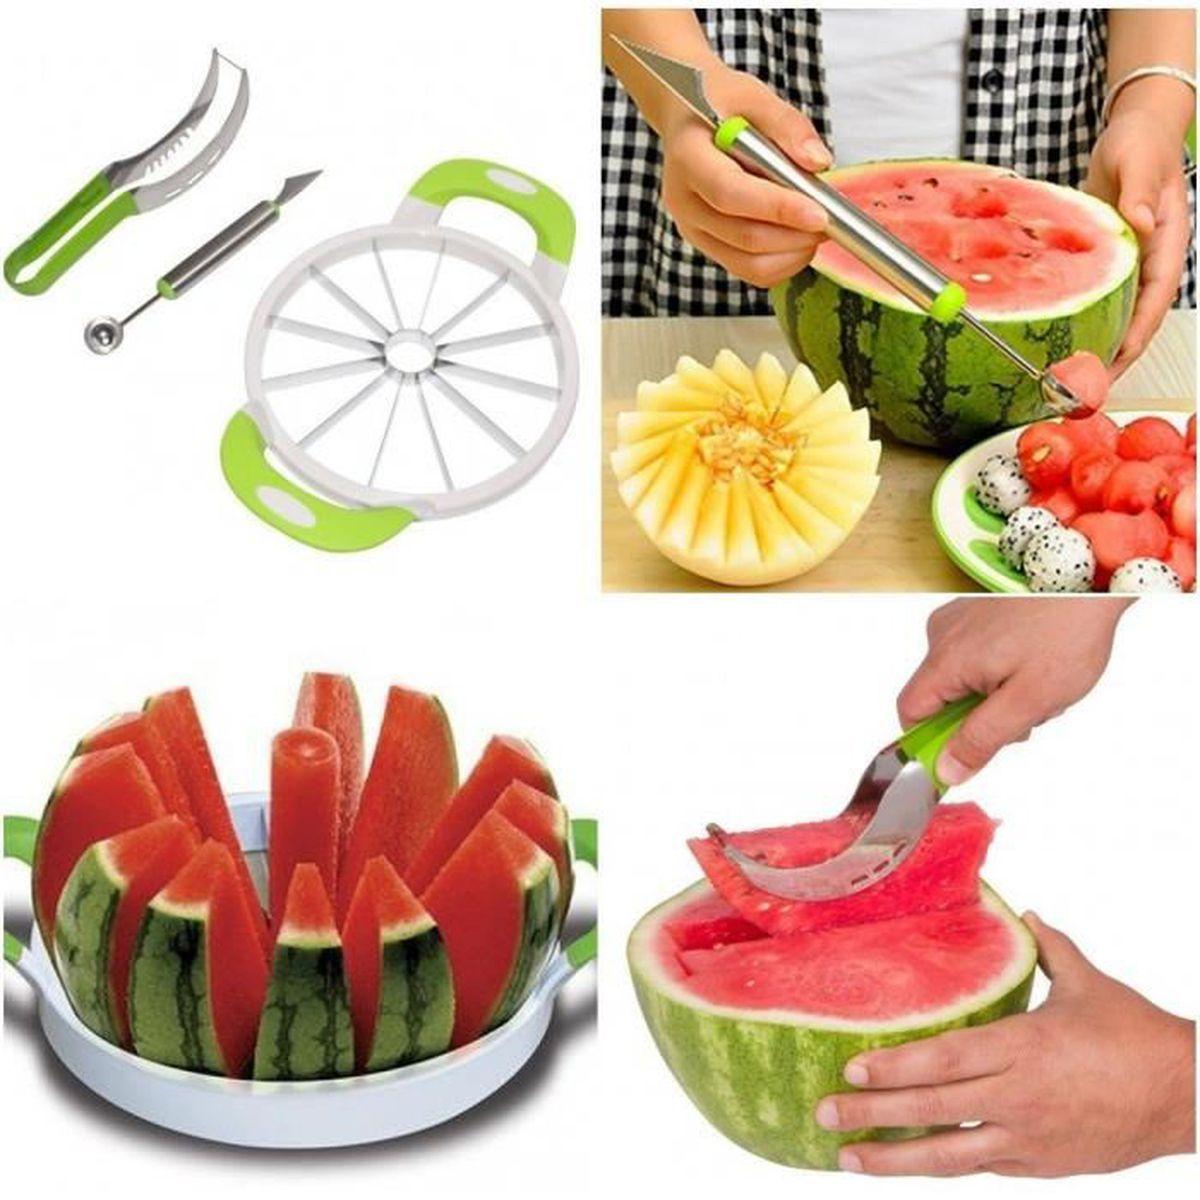 d coupe melon coupe fruit d coupe outil pour couper la melon d 39 eau past ques achat vente. Black Bedroom Furniture Sets. Home Design Ideas